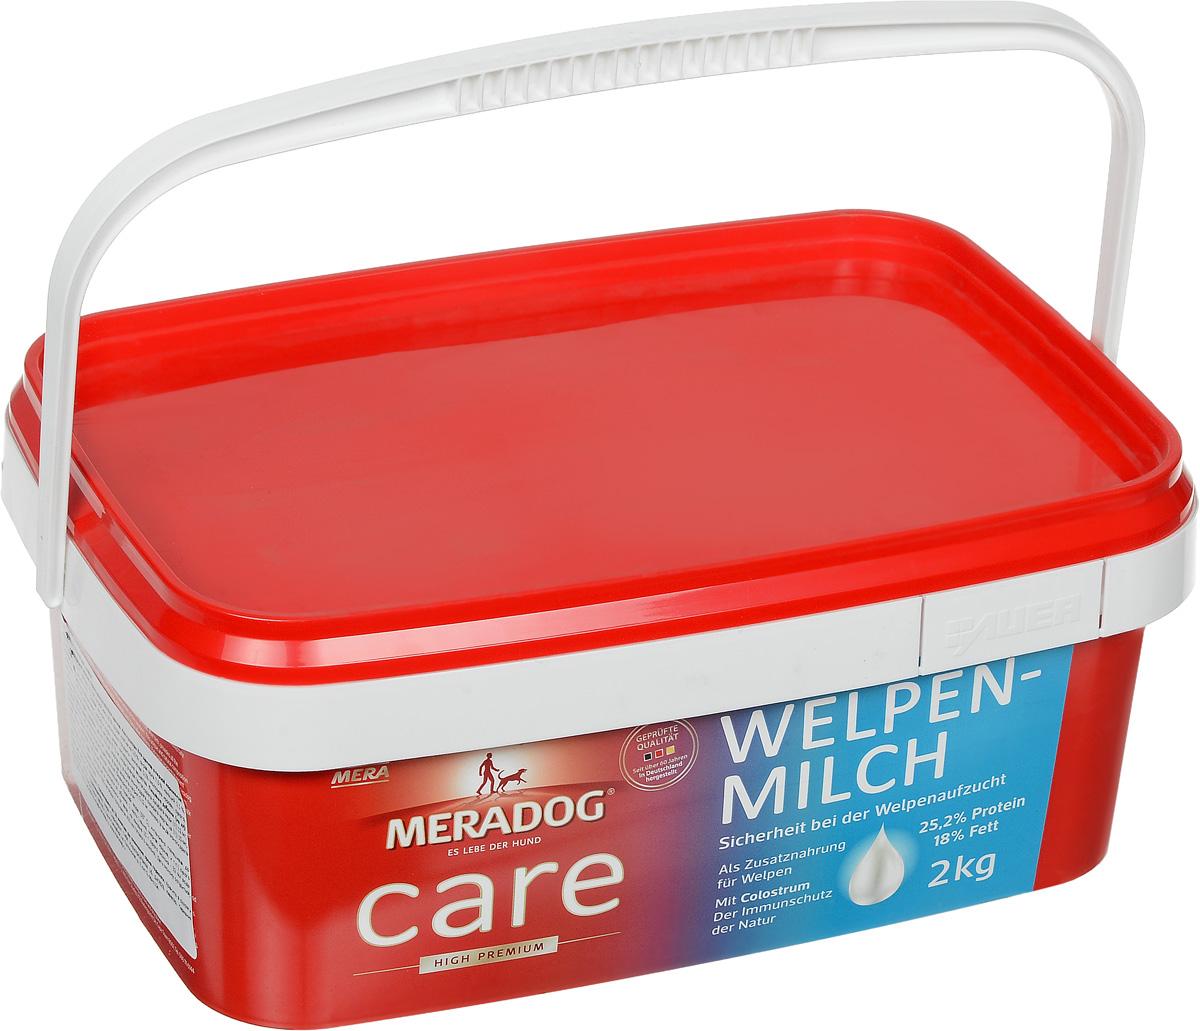 Молоко сухое для щенков Meradog Welpenmilch, 2 кг55030Молоко для щенков Meradog Welpenmilch - лучшая замена сучьего молока. Это полноценная еда для щенков. Сухое молоко Meradog Welpenmilch можно использовать как прикорм для щенков в период кормления.ОсобенностиMeradog Welpenmilch:1) Обогащен молозивом - это вещество, вырабатываемое молочными железами животного в первые 3 - 5 дней после родов. Оно является ценнейшим продуктом, так как содержит иммуноглобулины, минеральные вещества, витамины и факторы роста. Благодаря этому ингредиенту у щенка формируется сильный природный иммунитет.2) Специально подобранные жиры и масла обеспечивают щенка ненасыщенными жирными кислотами, необходимыми для поддержания жизненно важных функций организма. Высокое содержание витаминов и микроэлементов завершает сбалансированную формулу питательных веществ молока для щенков.3) Произведено и упаковано в Германии.Состав: молоко и молочные продукты (включая 0,1% молозива коровы, сухого, насыщенного иммуноглобулинами), масла и жиры, злаки, минеральные вещества.Товар сертифицирован.